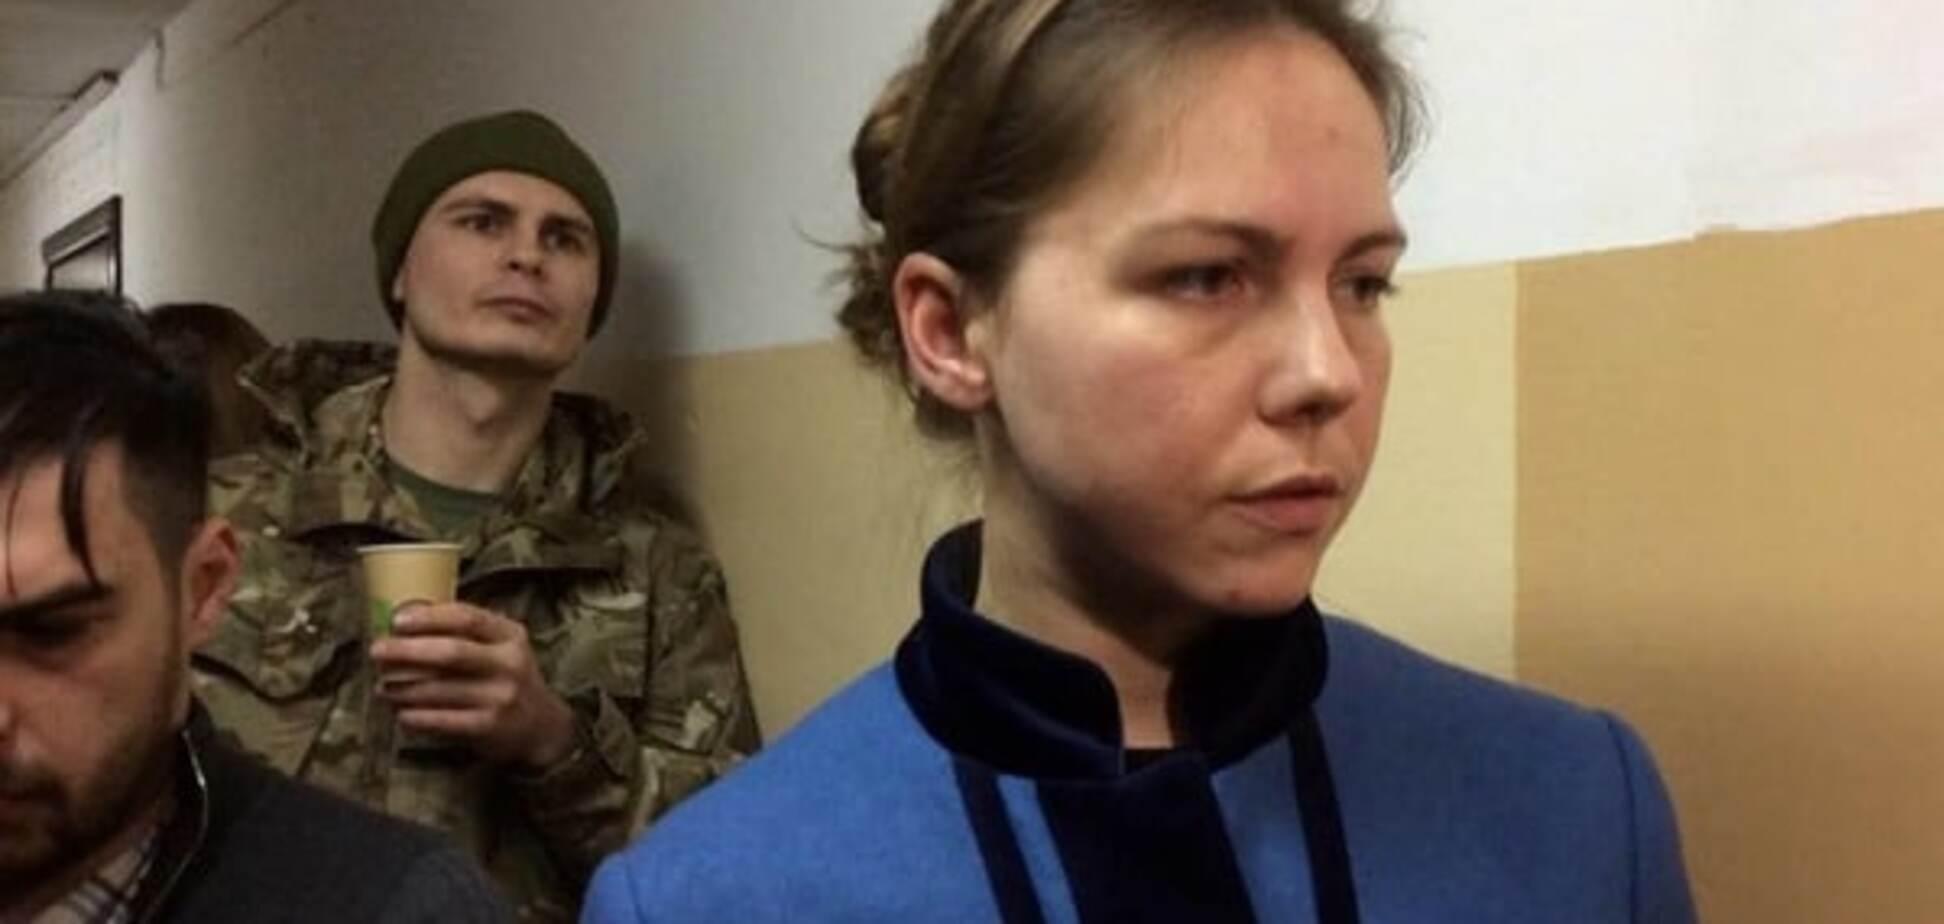 'Ми не вороги!': Російським ГРУшникам передали 'привіт' від Савченко